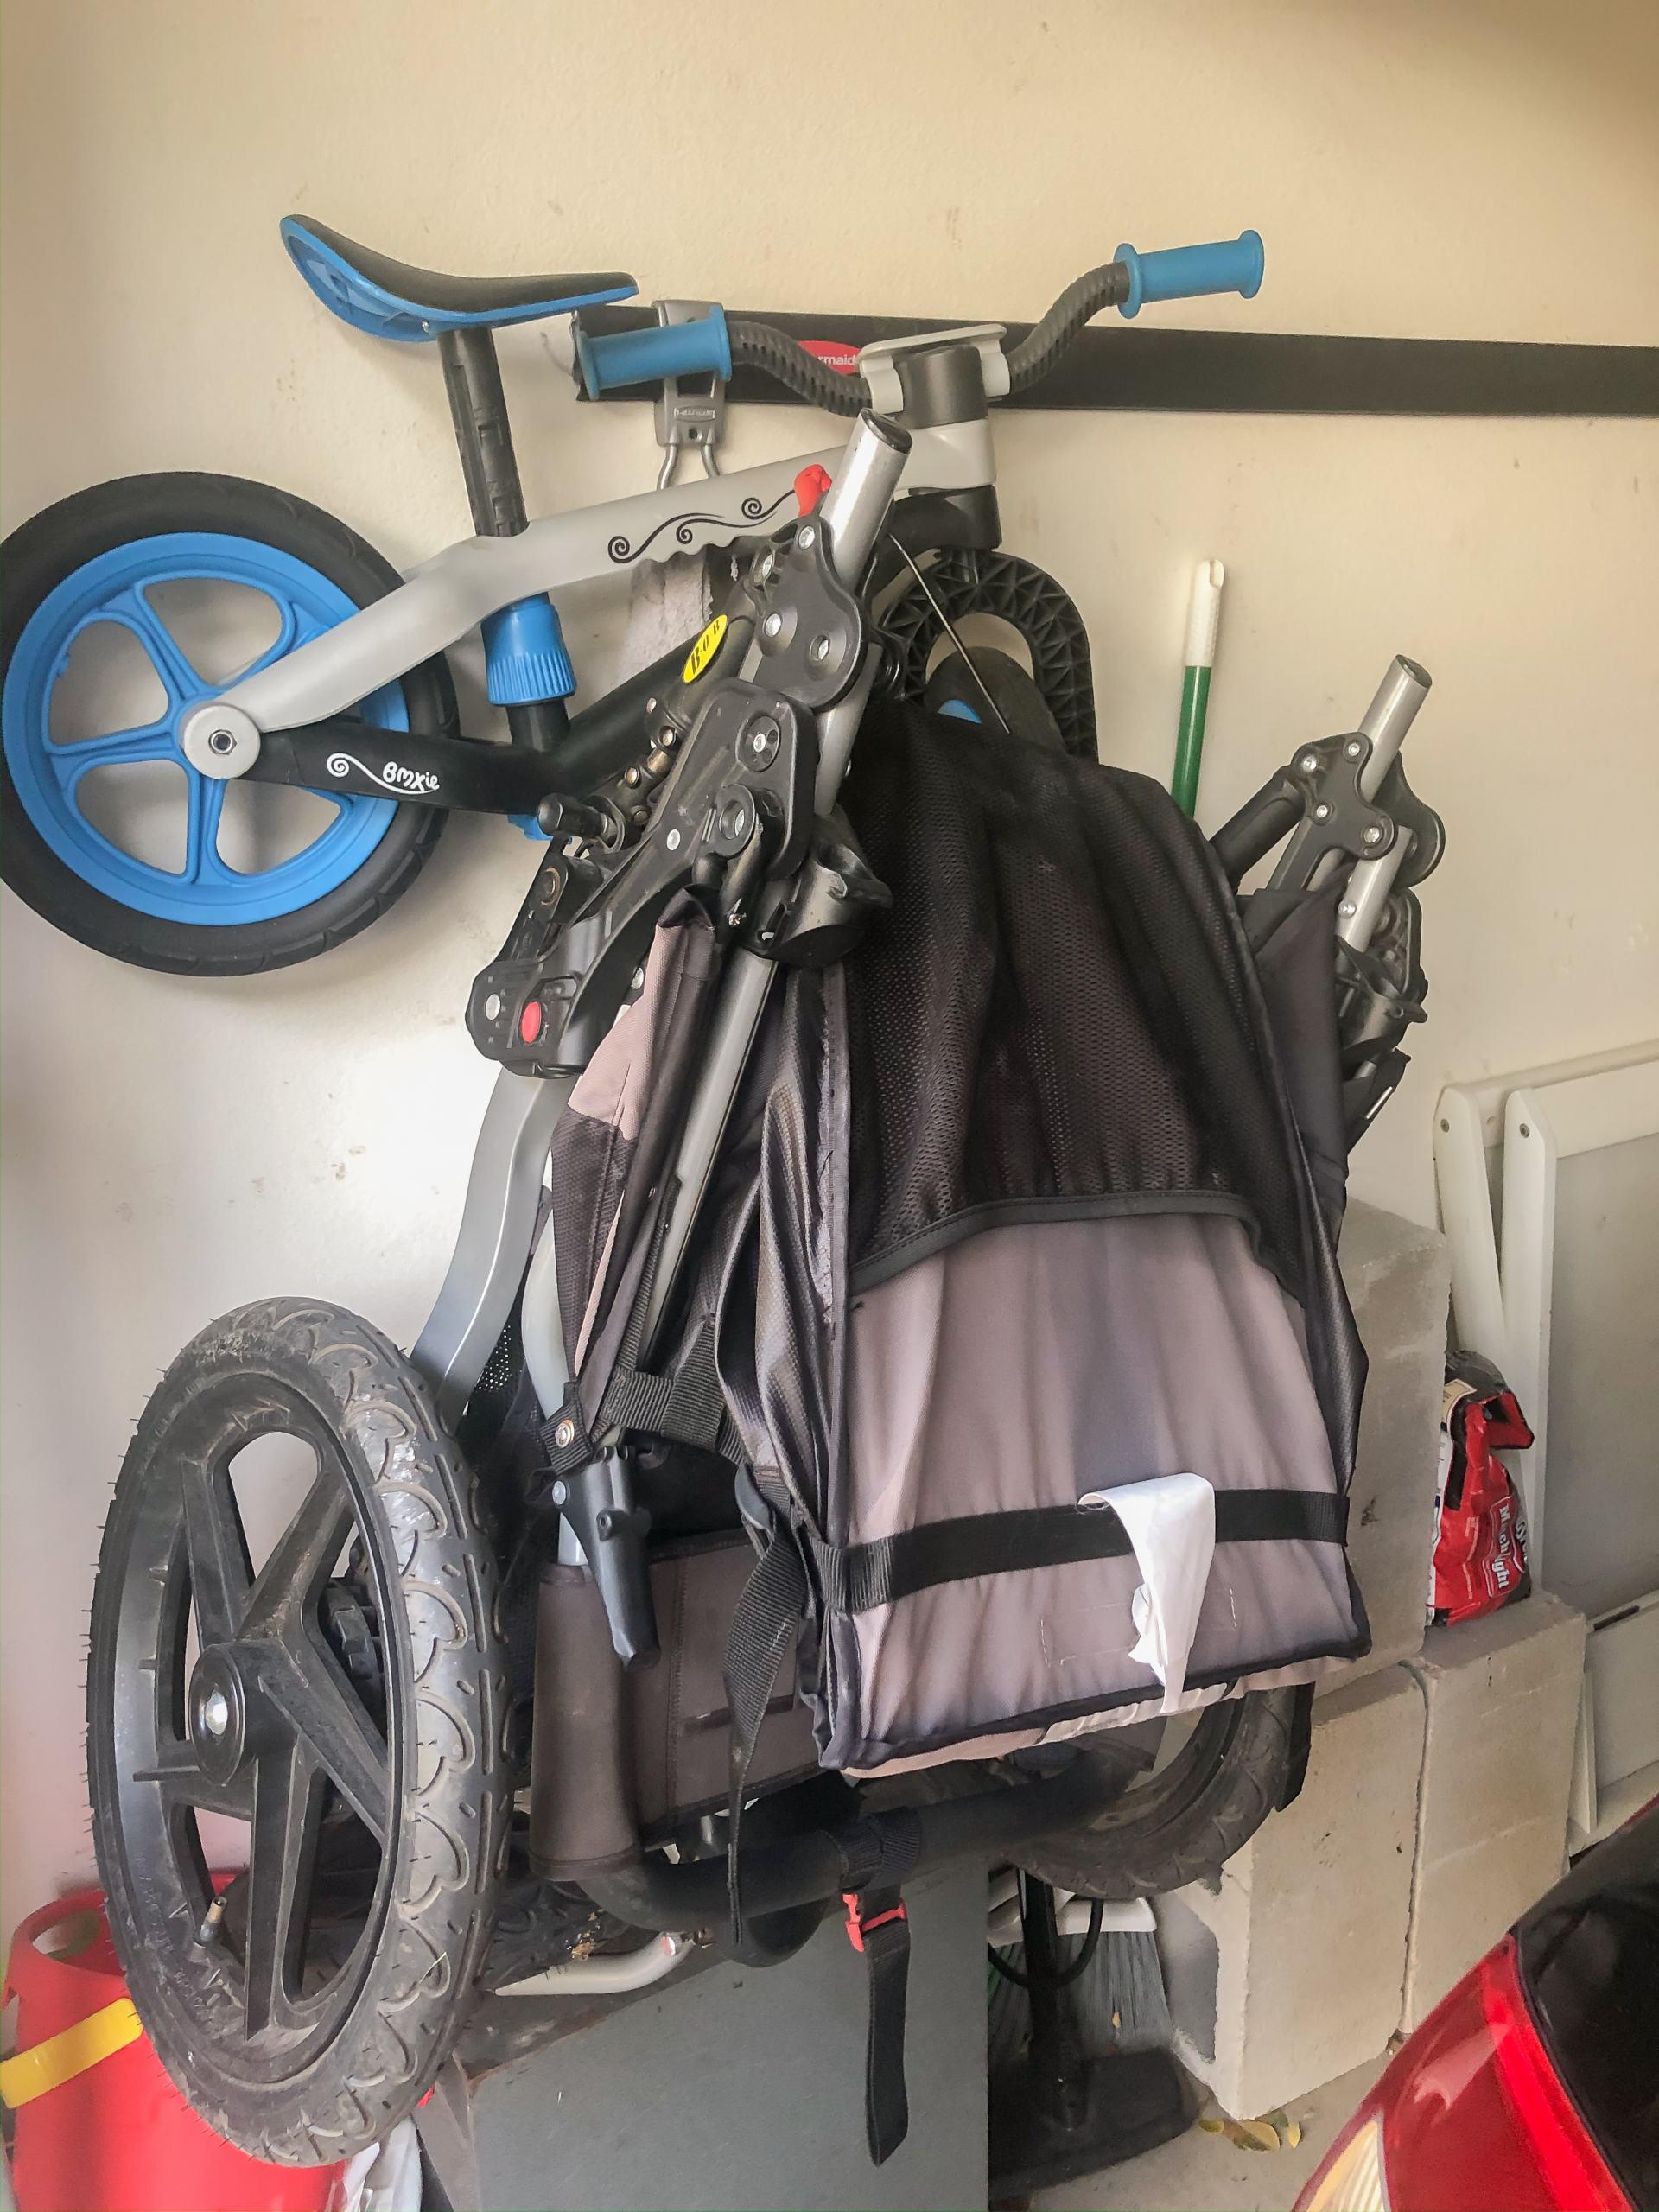 hanging bob - hanging jogging stroller - jogging stroller storage